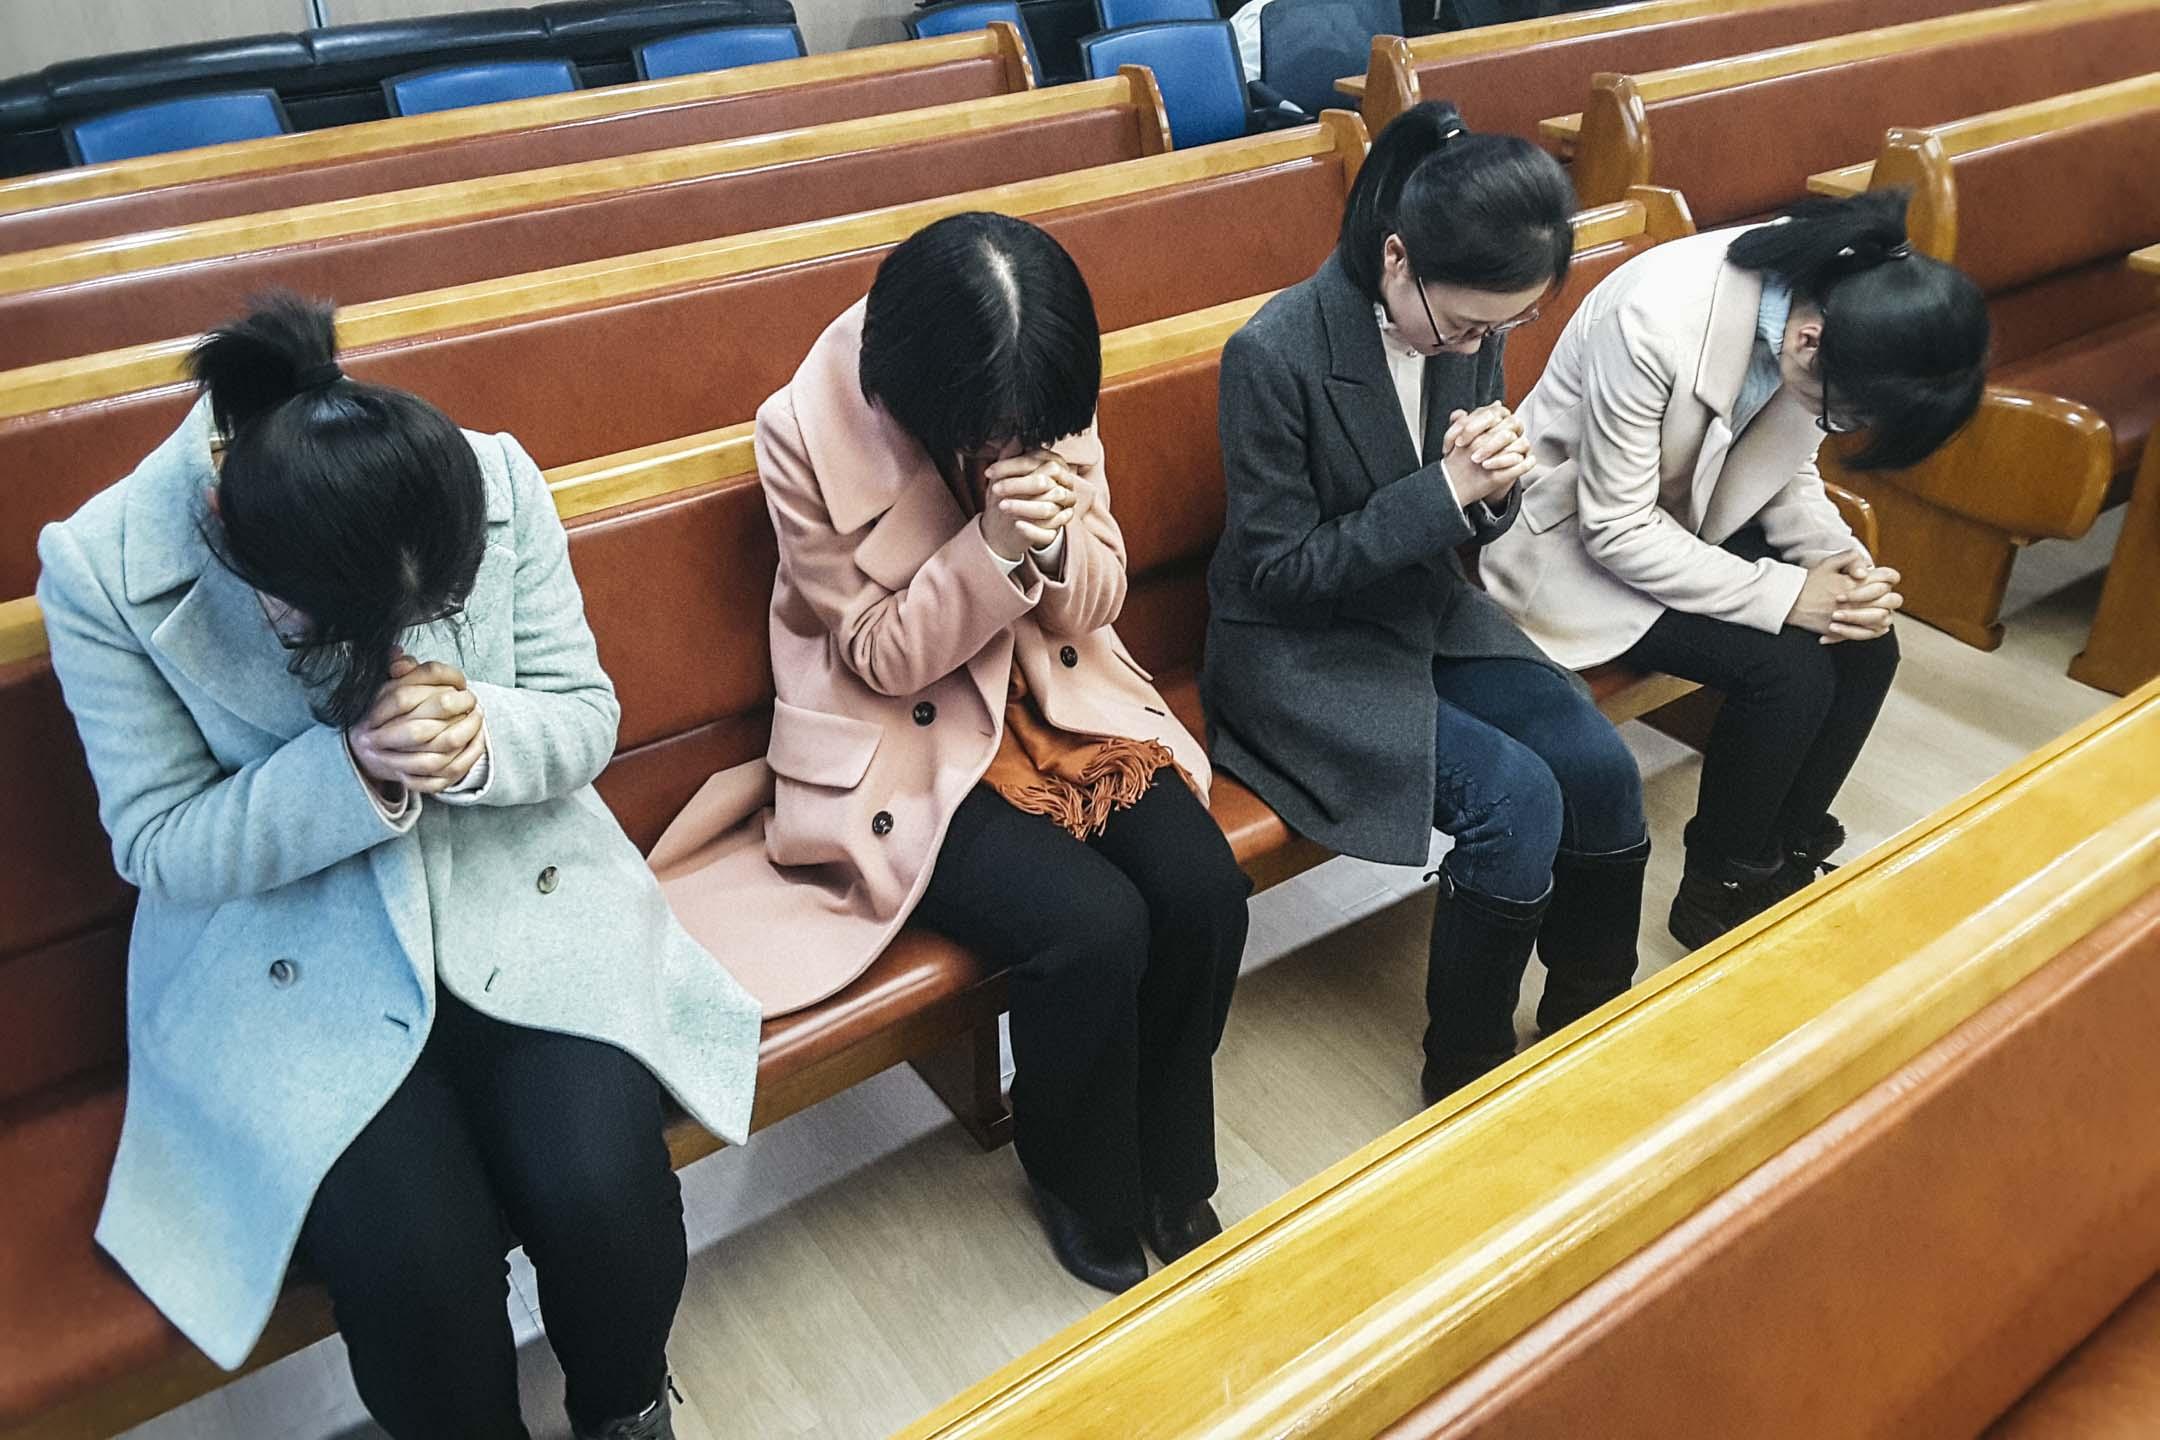 從中國逃出並來到南韓申請庇護的「全能神教會」信徒,正在教堂內禱告。目前包括濟州島與南韓本土,就有939名信徒,正等待南韓政府授予難民資格。 圖:作者提供